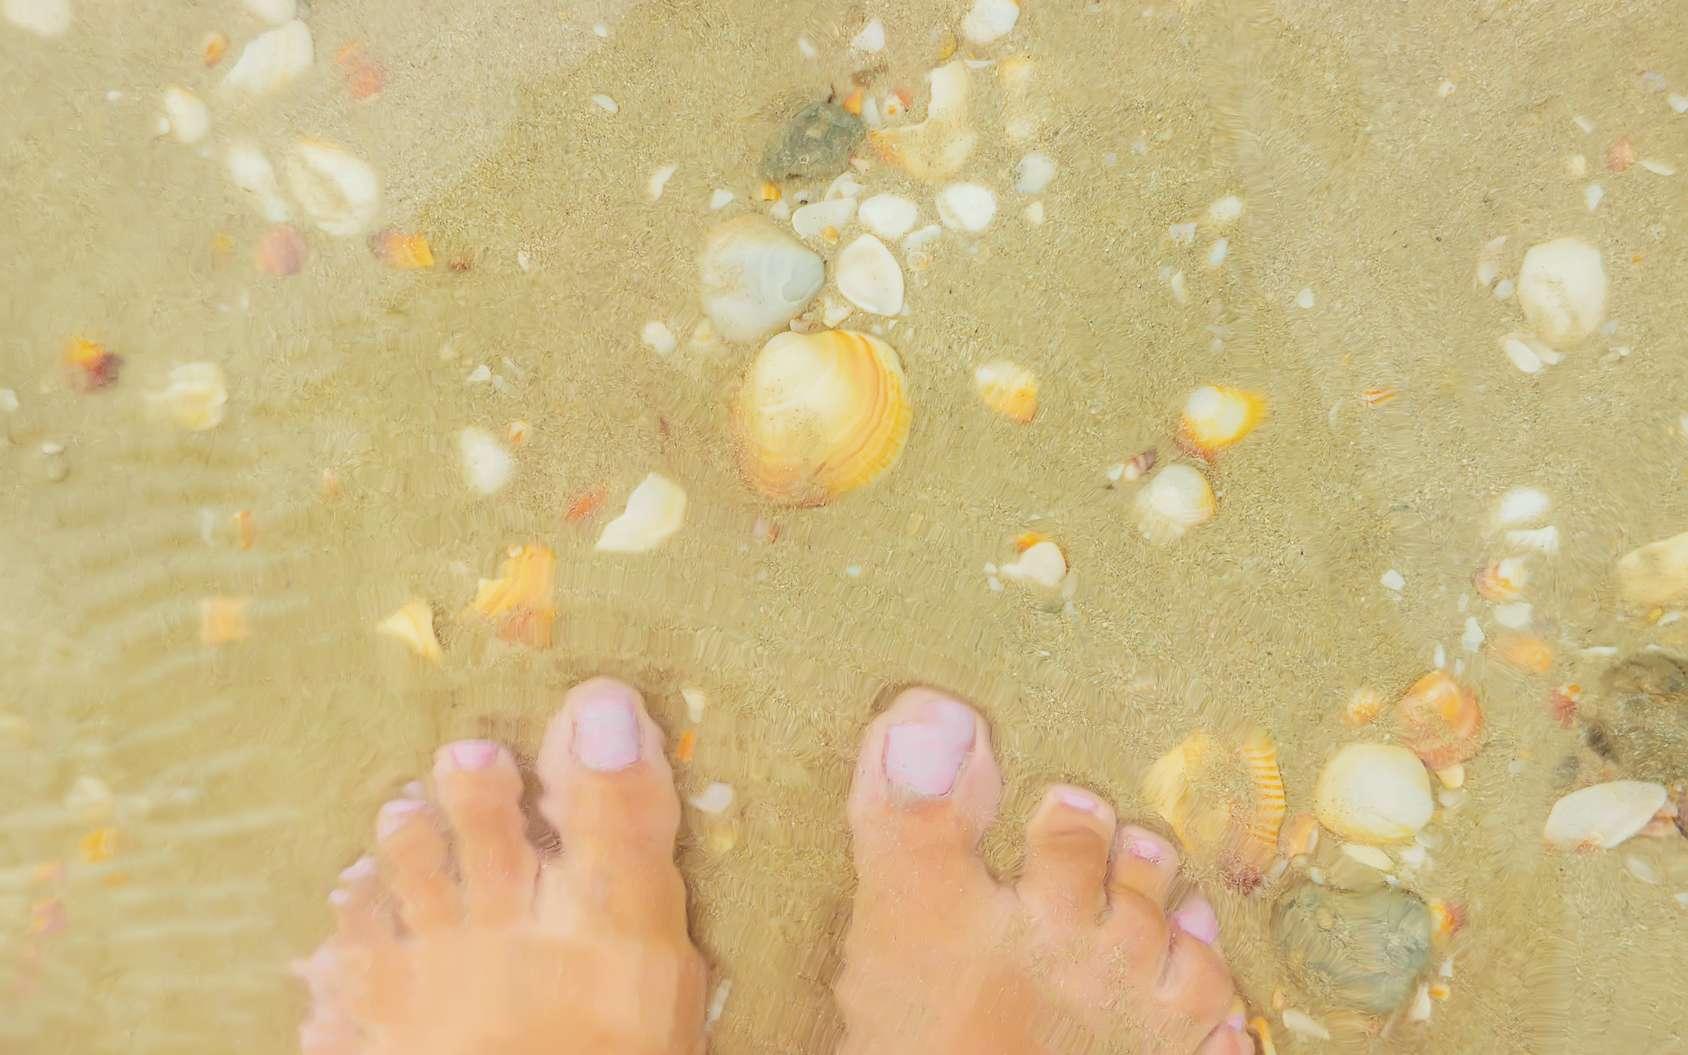 Après une exposition dans l'eau, personne n'y échappe : les doigts se fripent. Si esthétiquement ce n'est pas ce qui se fait de mieux, certains scientifiques pensent qu'un tel mécanisme pourrait avoir eu un intérêt pour notre survie. En a-t-il toujours un aujourd'hui ? © yanadjan, fotolia